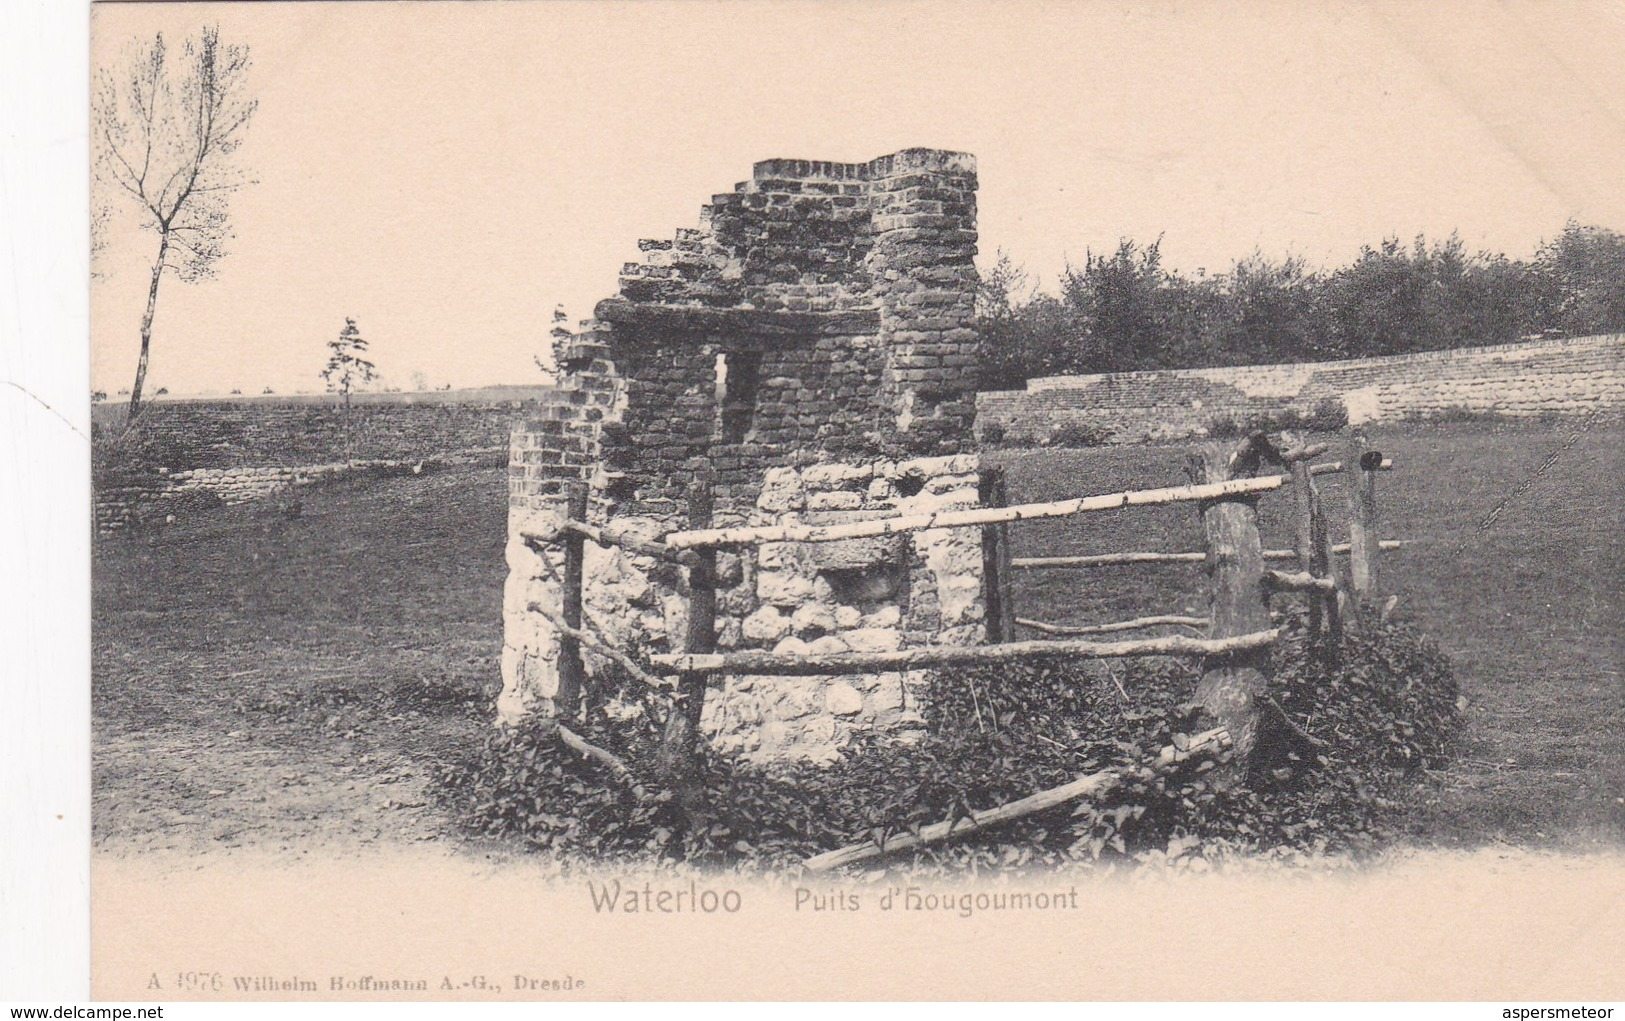 WATERLOO. PUITS D'HOUGOUMONT. WILHEIM HOFFMAN EDIT. VINTAGE VIEW CPA CIRCA 1904's - BLEUP - Waterloo